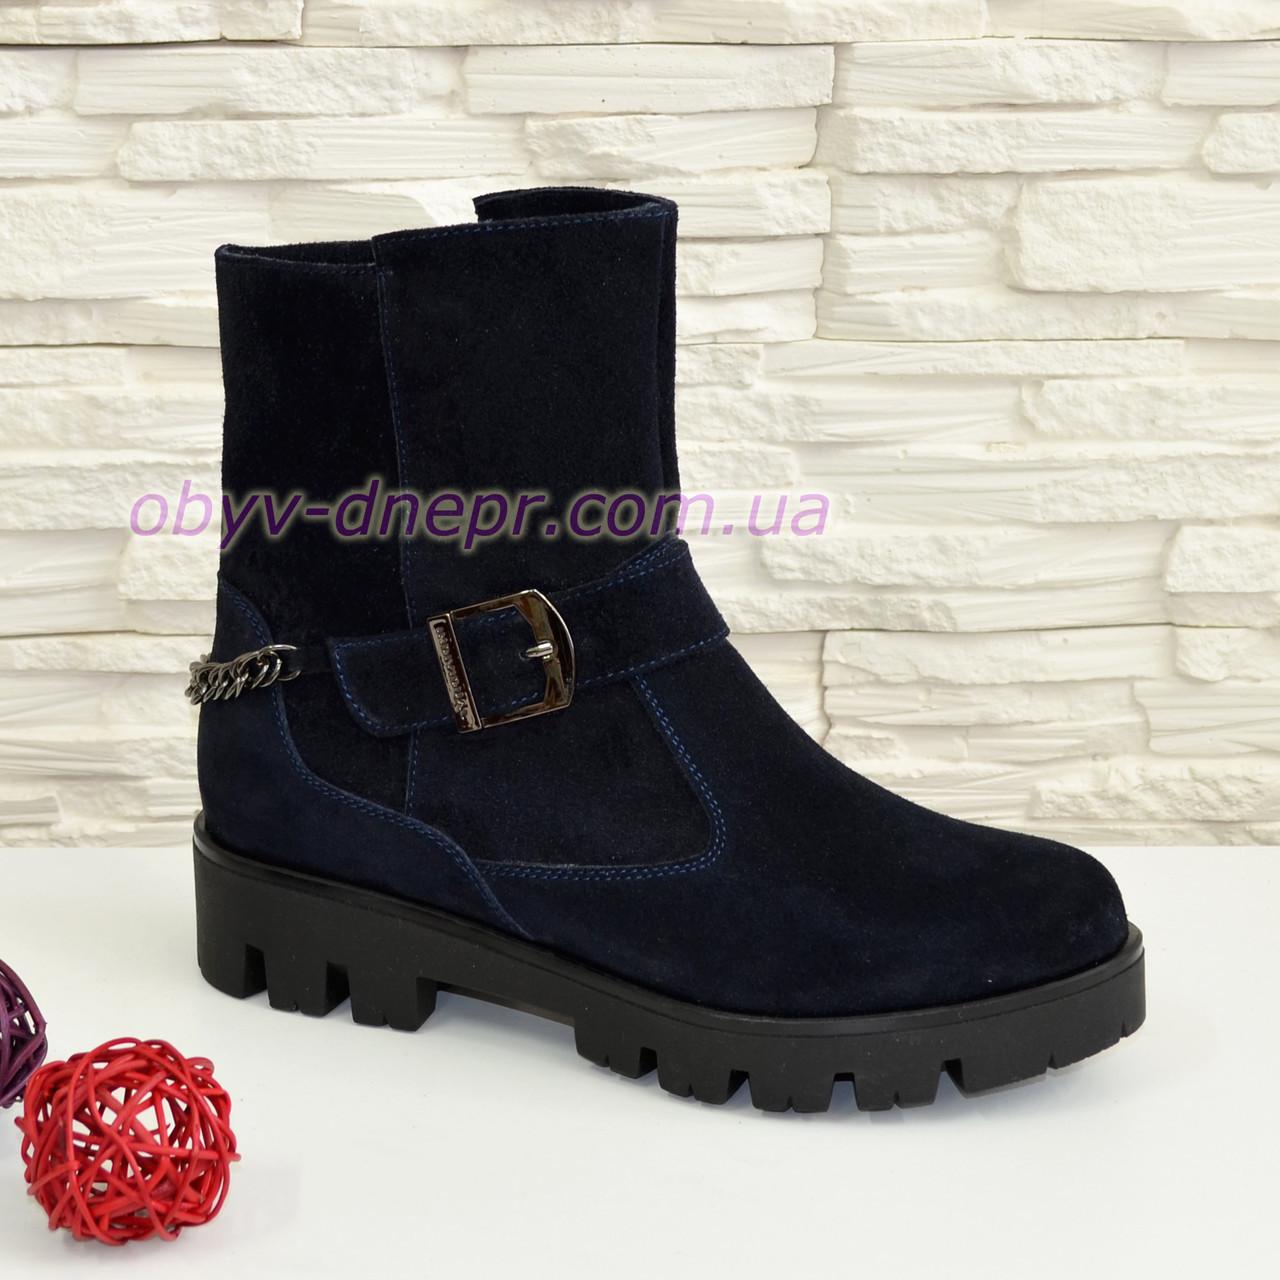 Замшевые синие женские зимние ботинки на тракторной подошве, декорированы цепью и ремешком.